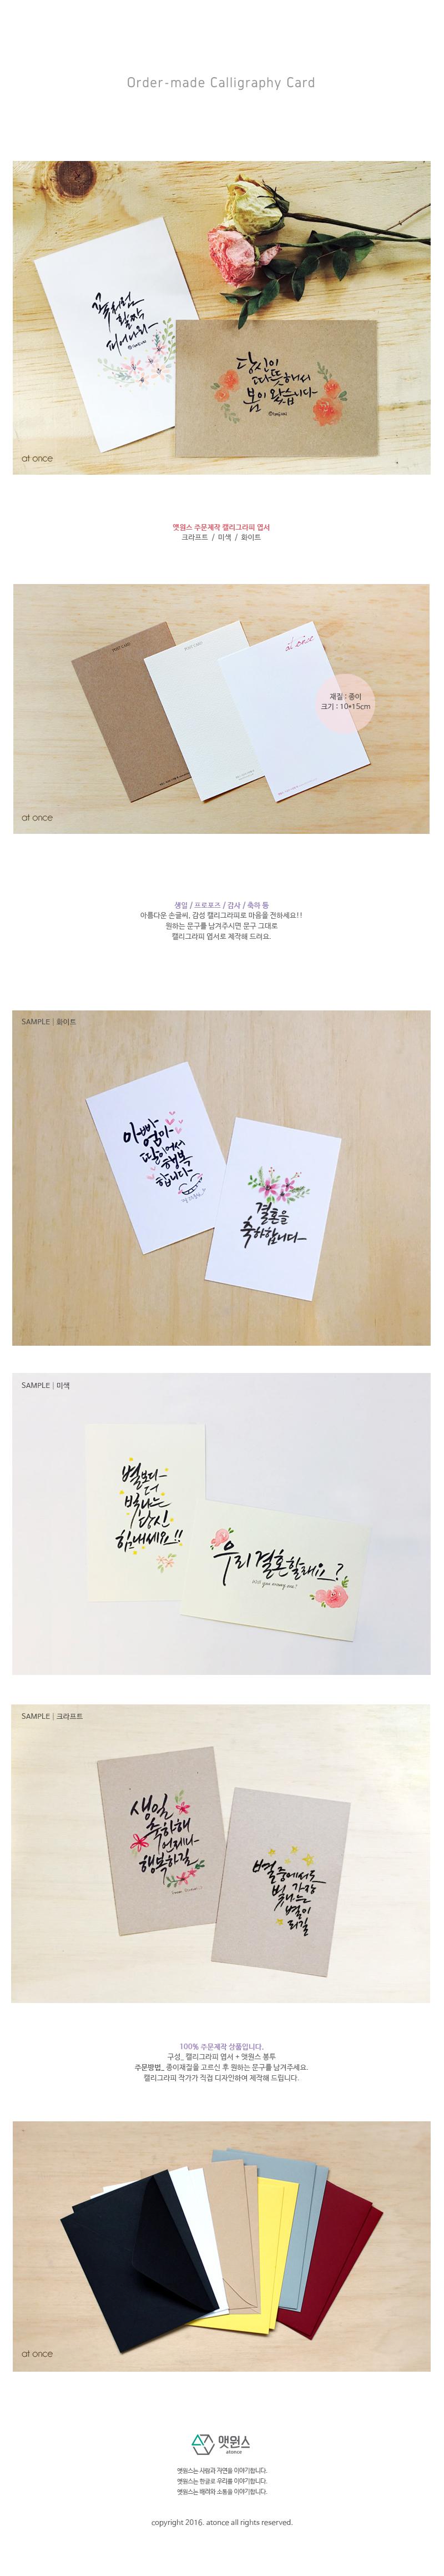 앳원스-주문제작 캘리그라피 감사 축하 생일 프로포즈엽서 - 앳원스, 5,000원, 엽서, 주문제작엽서